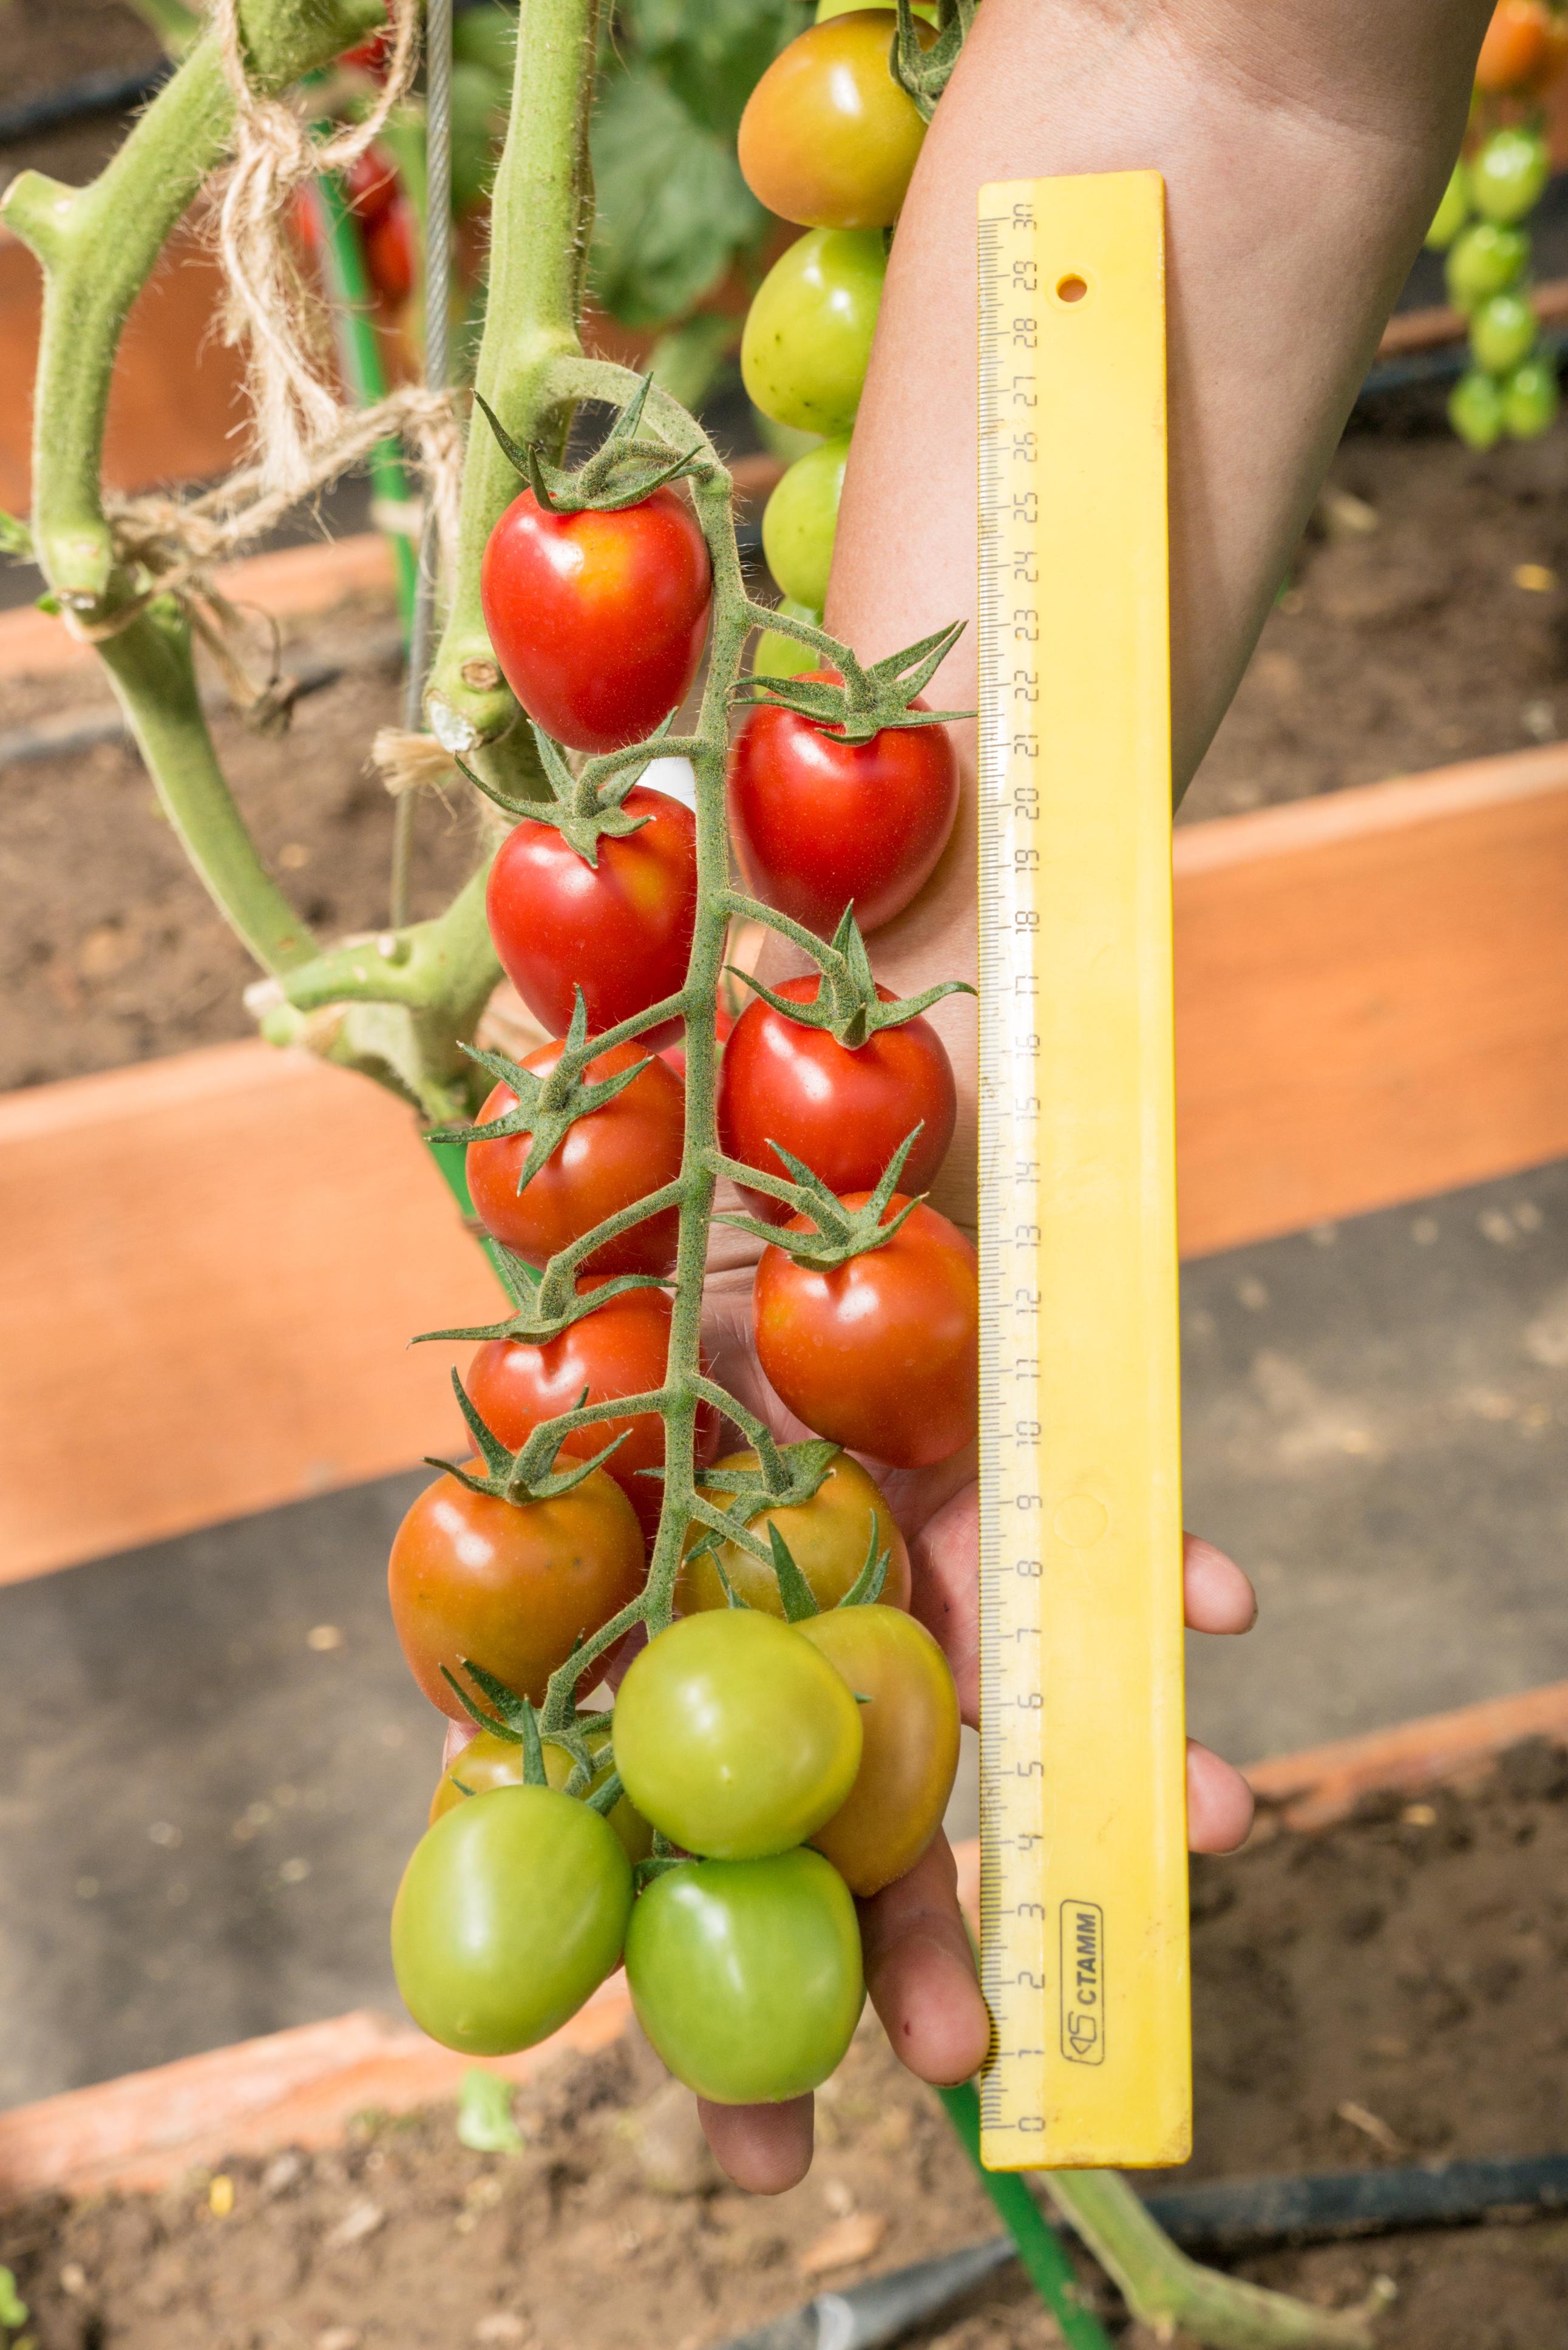 фрагменты томаты ромус отзывы и фото завершении поведаем вам